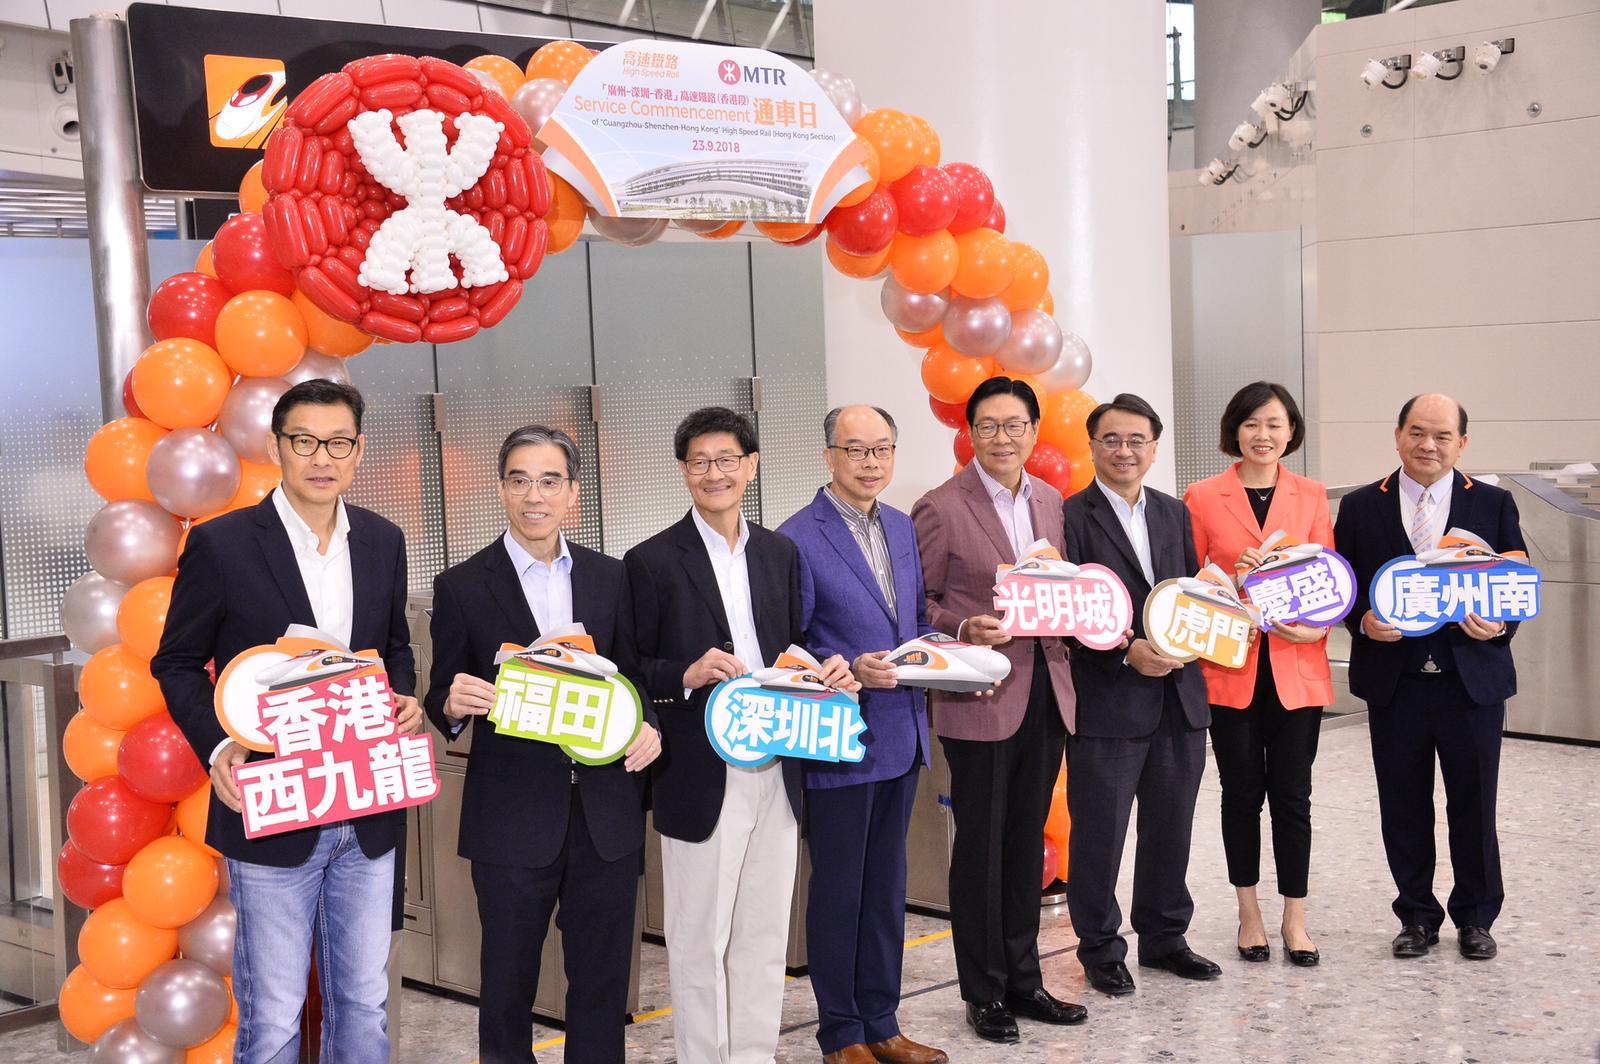 陳帆(左四)形容高鐵開通,好比新生命的開始。